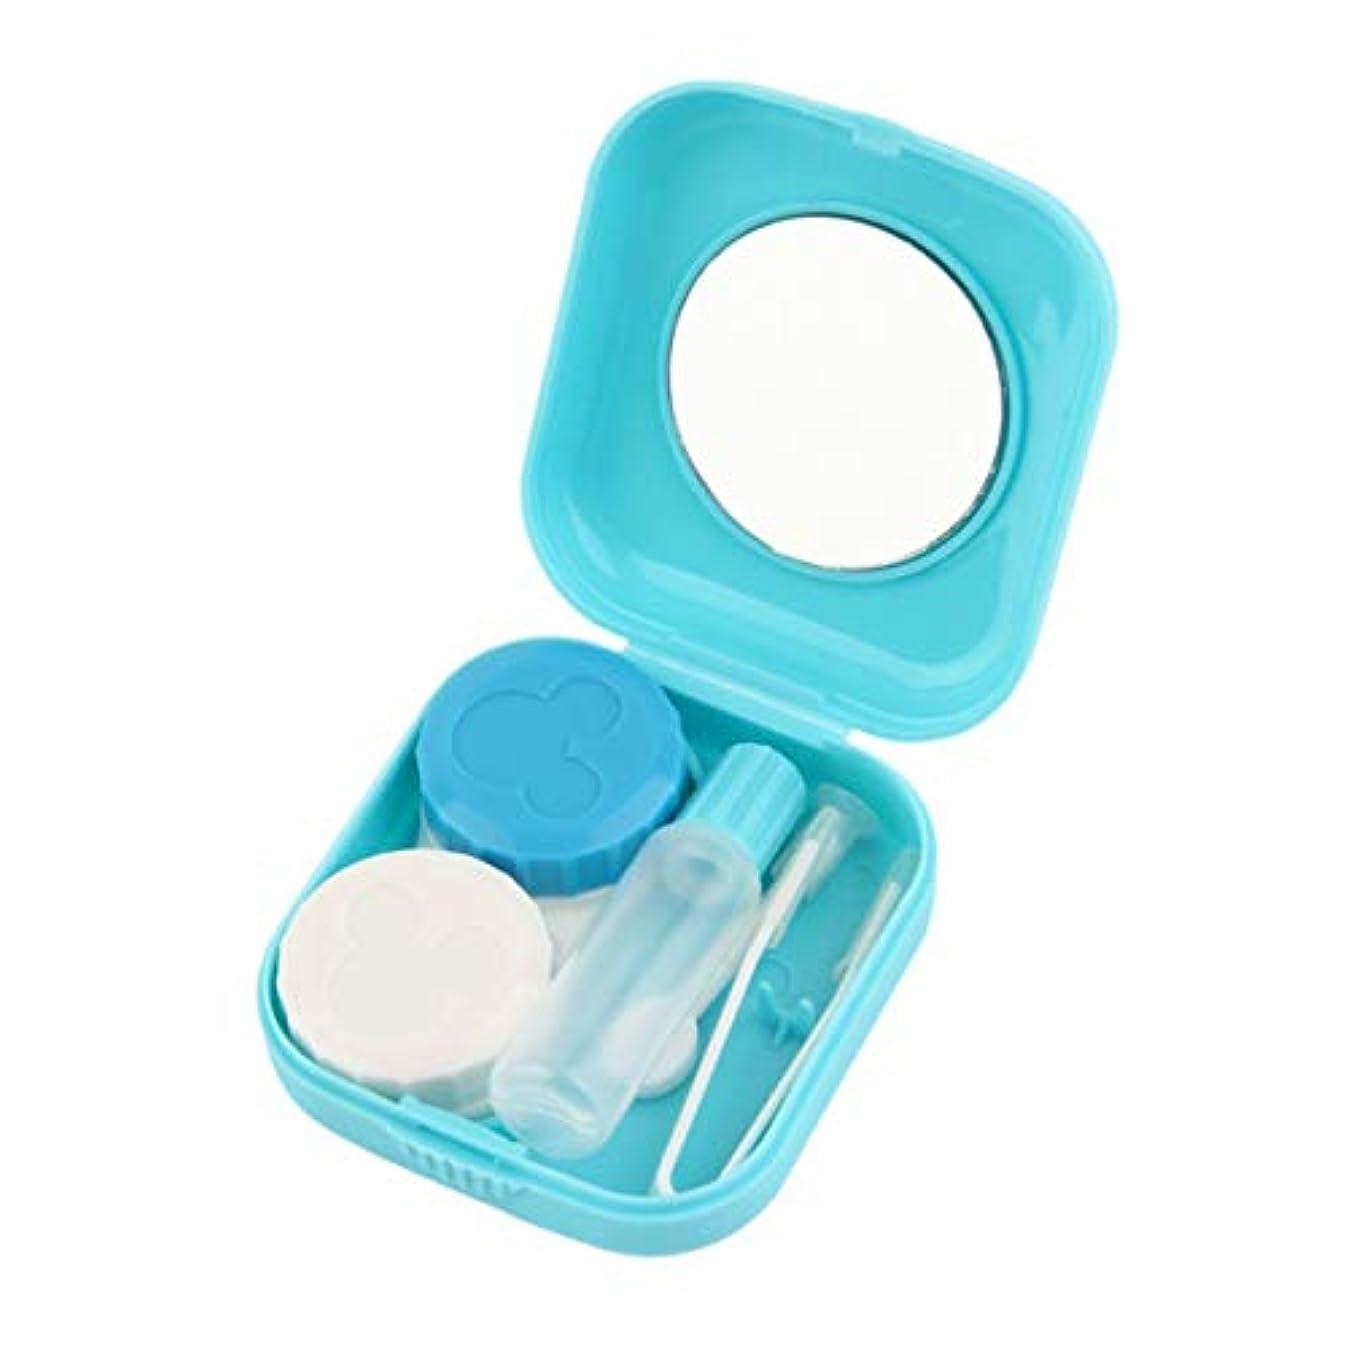 免疫マント発揮するプラスチックポータブルミニコンタクトレンズケースミラー付きの屋外旅行コンタクトレンズホルダーコンテナー